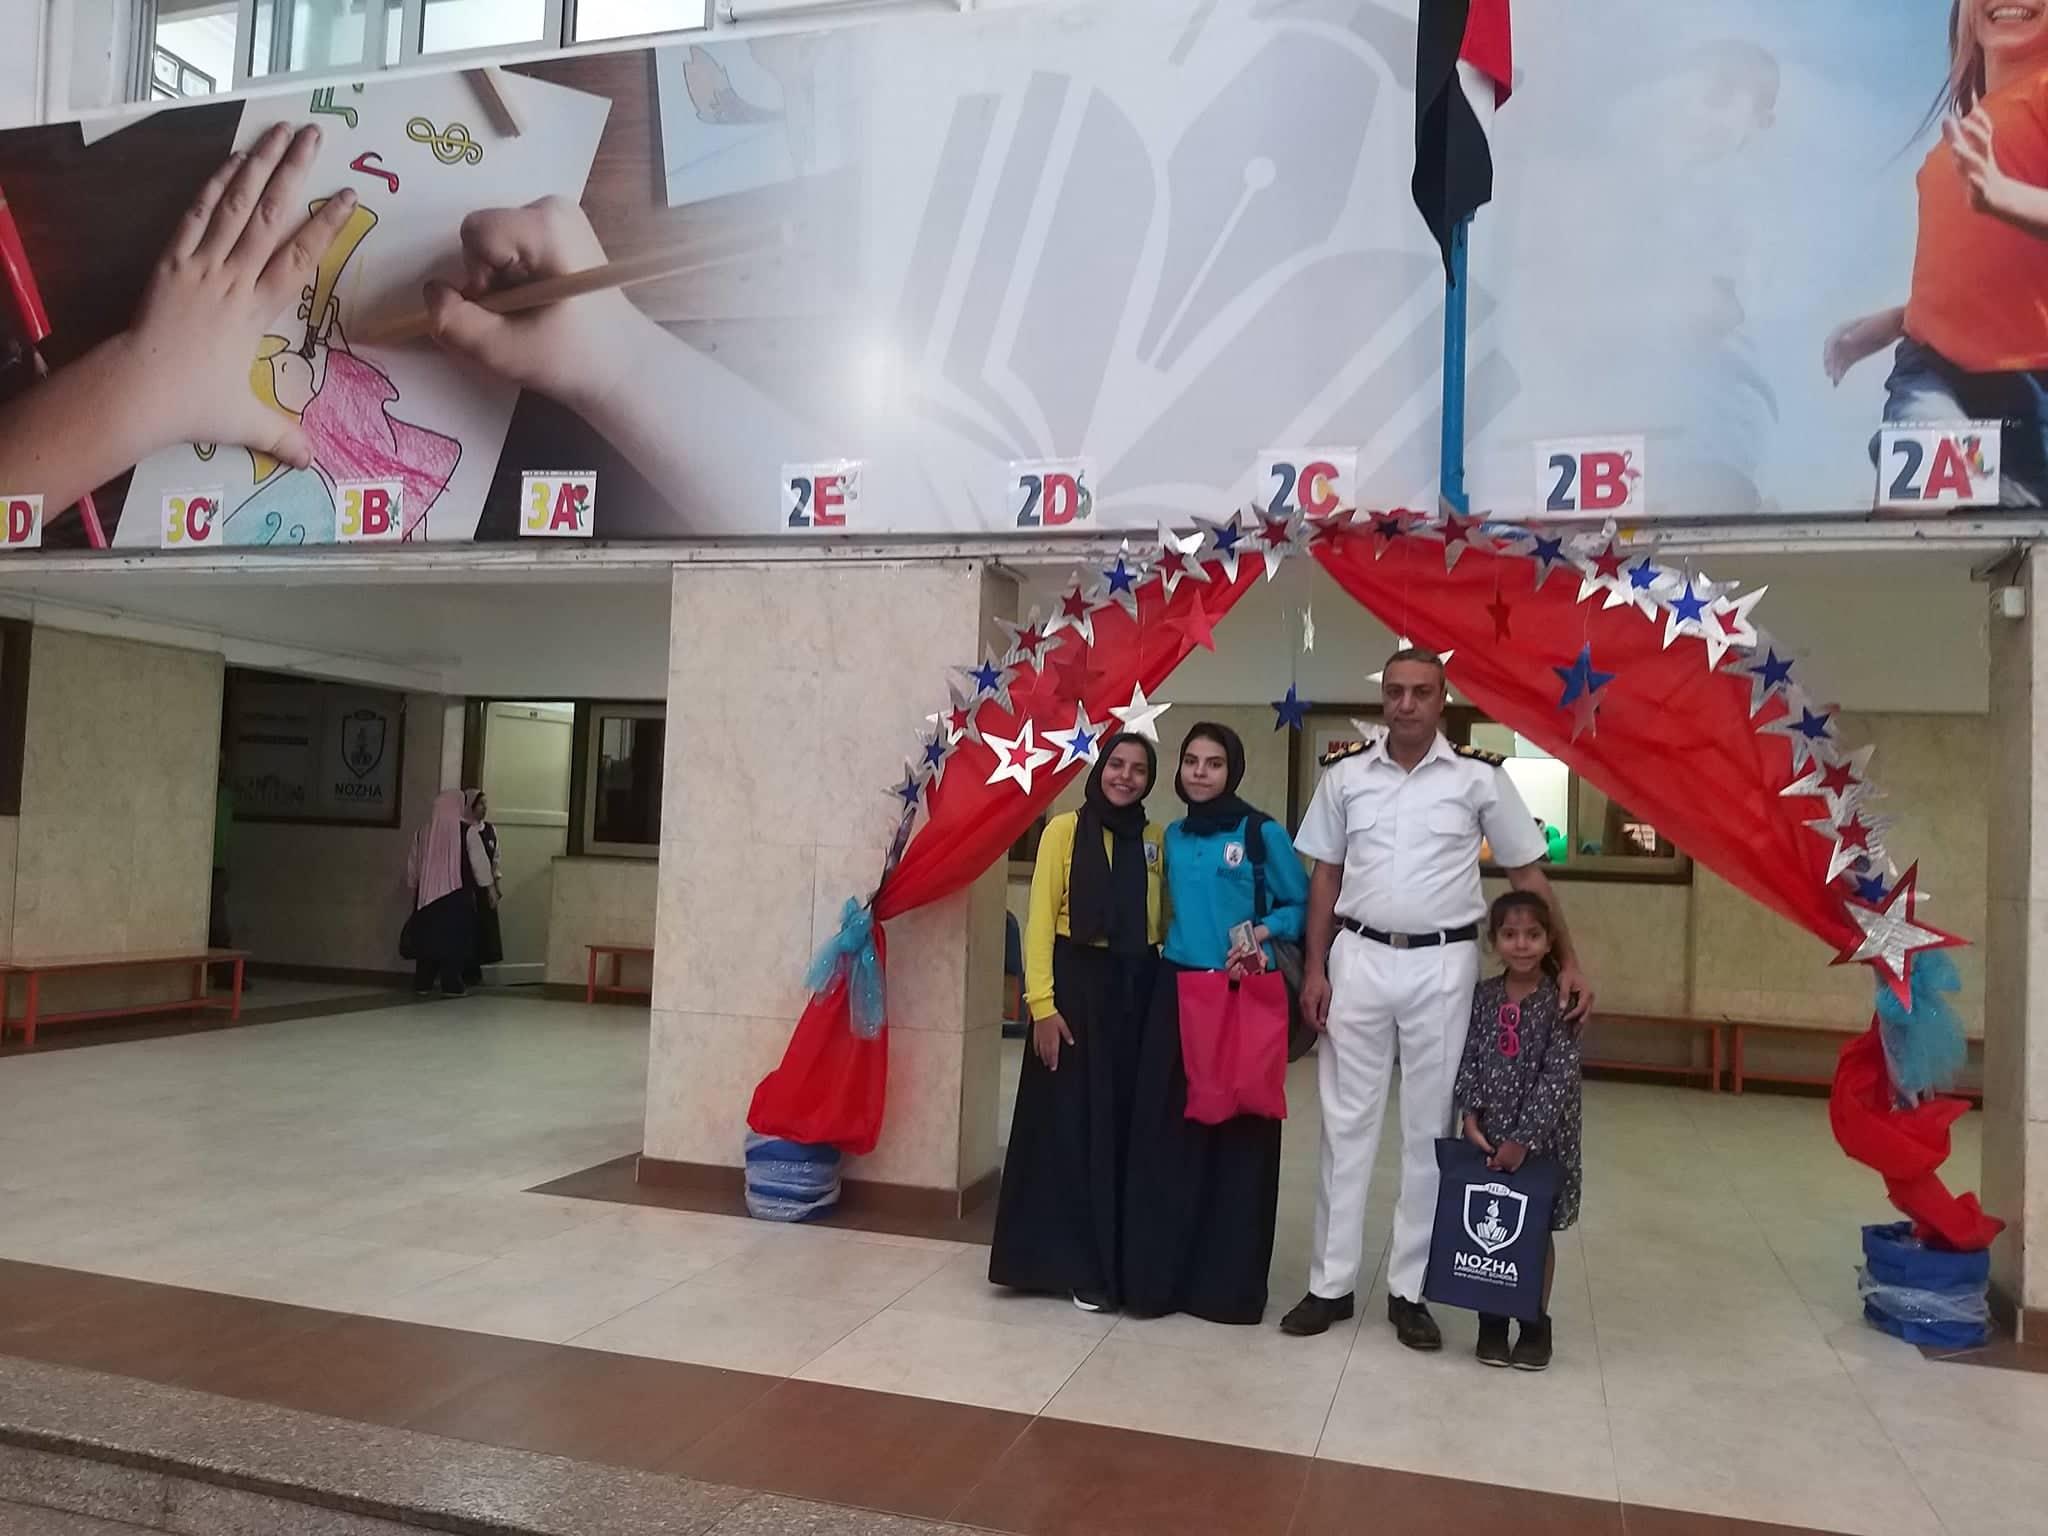 ضابط فى مدرسة بنات الشهيد هشام عزب  (5)